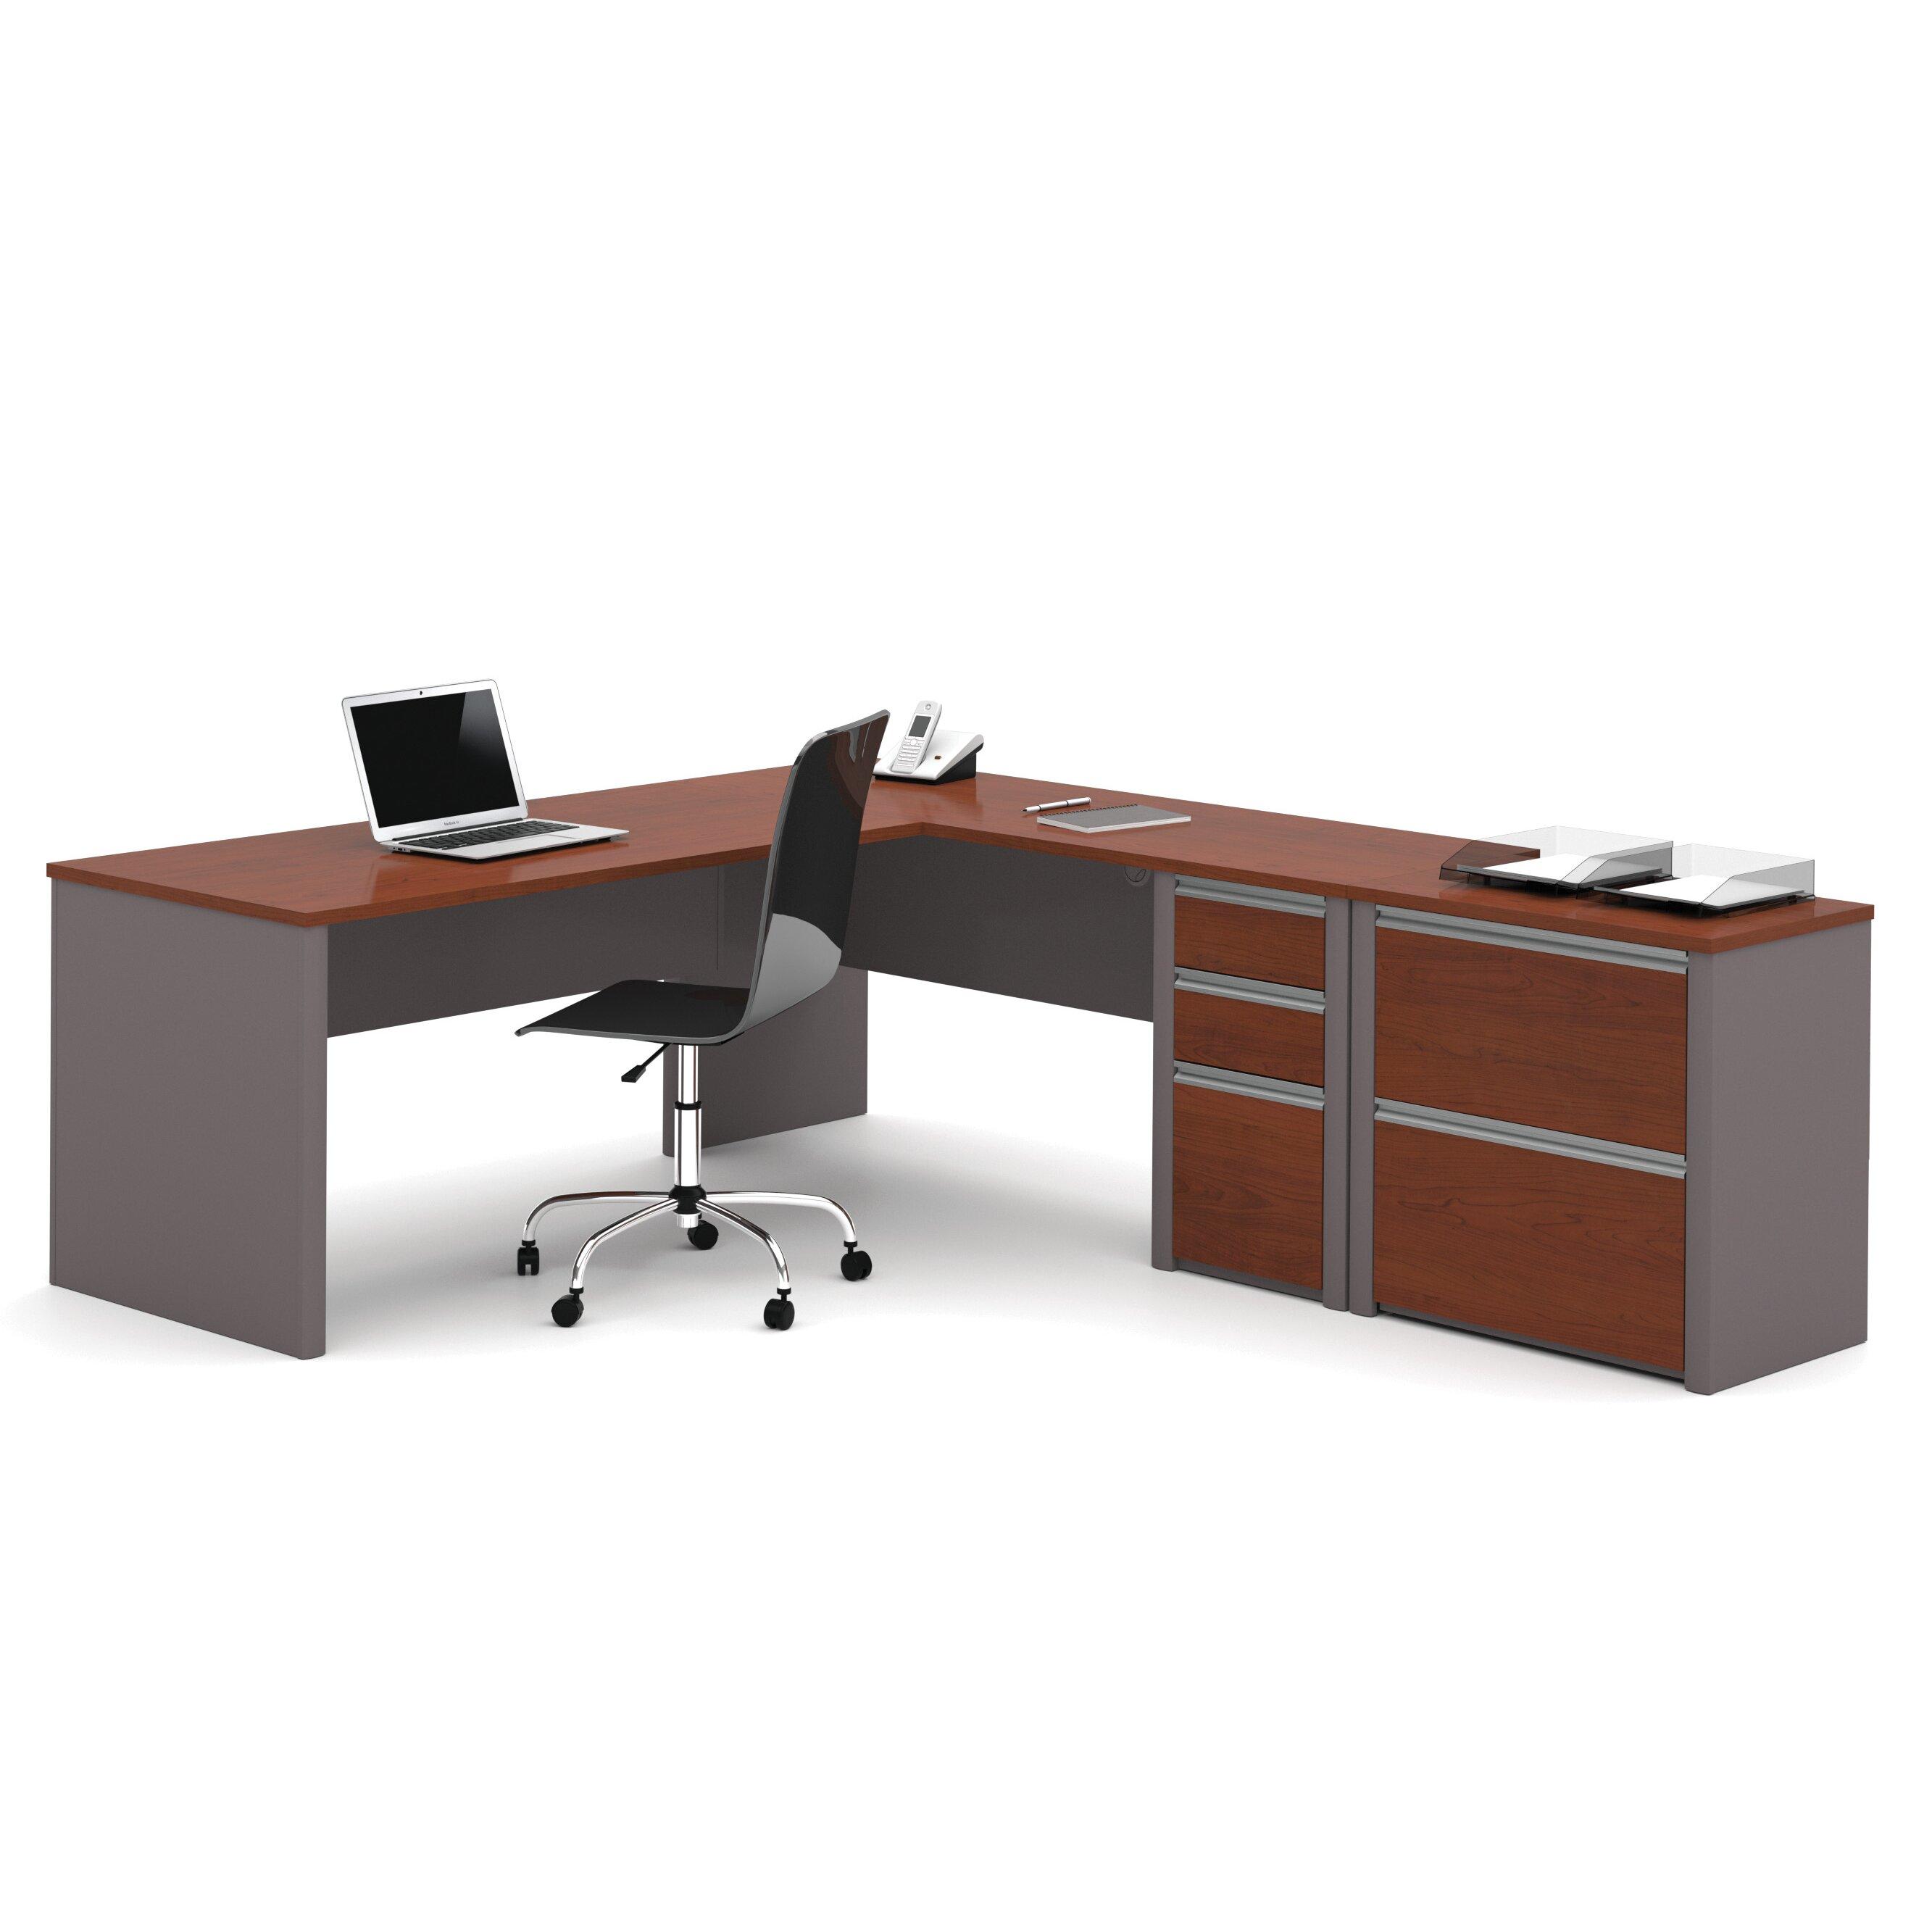 L Shaped Outdoor Kitchen: Bestar Connexion 2 Piece L-shaped Desk Office Suite